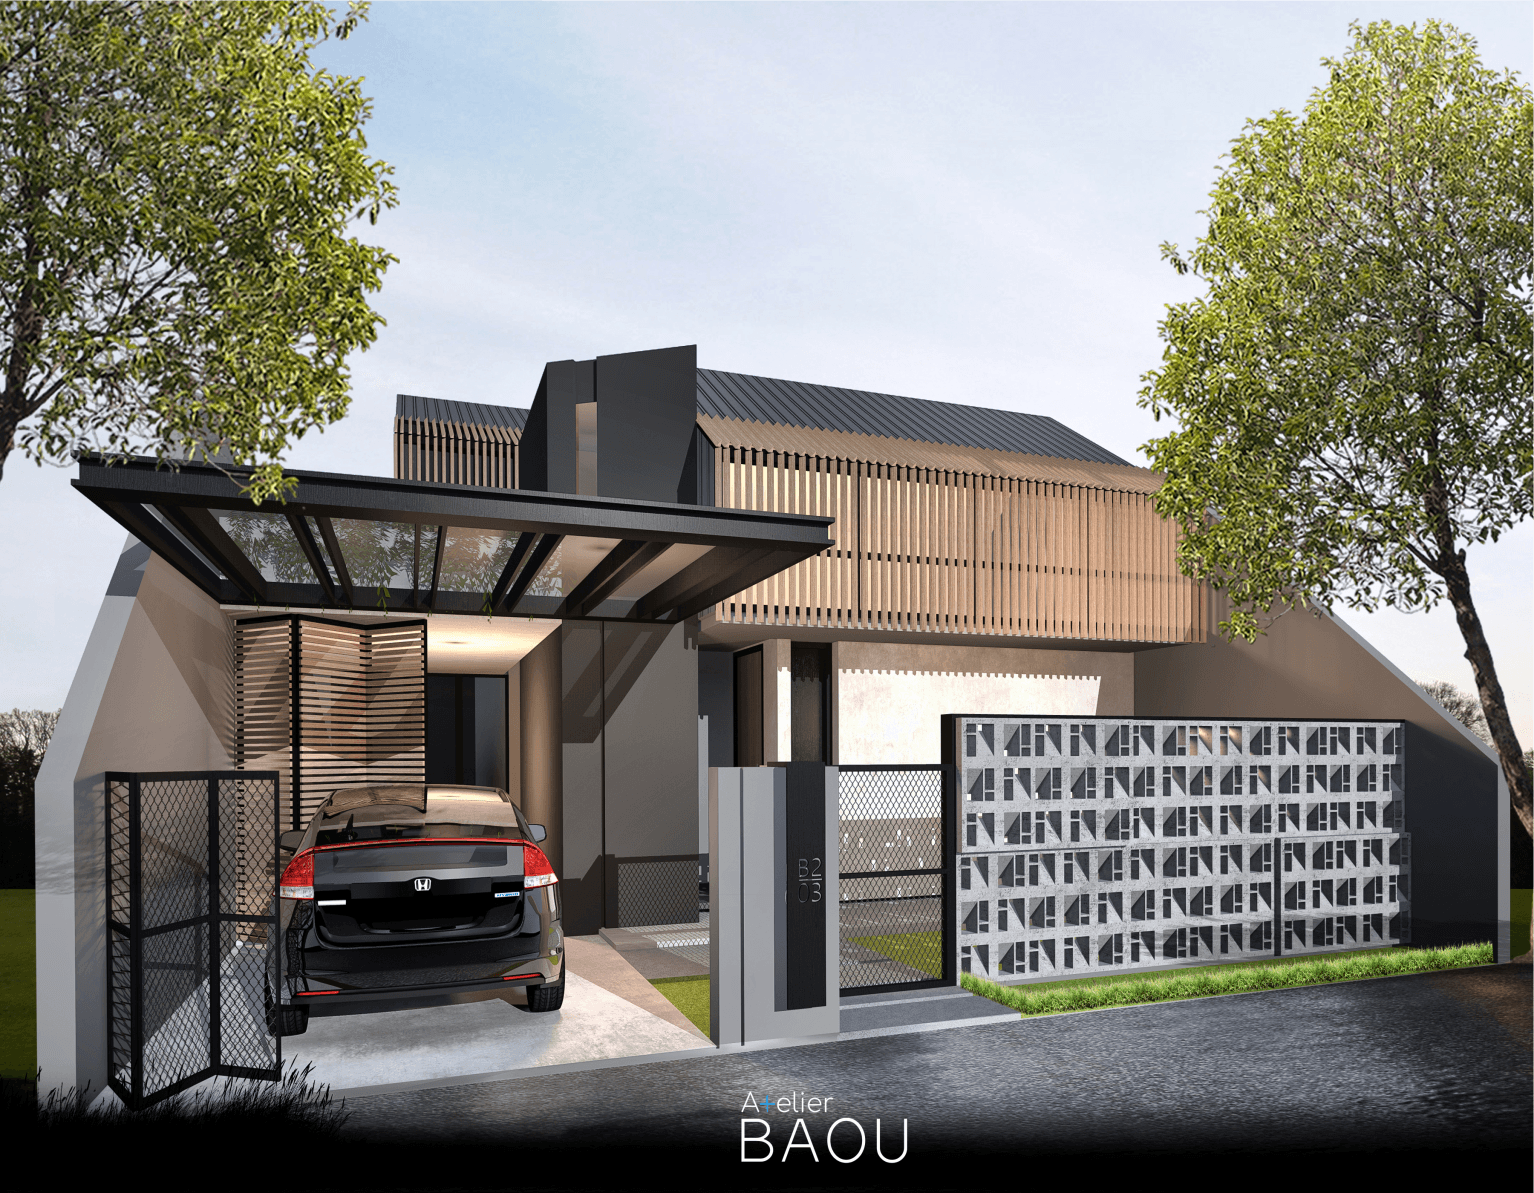 Atelier Baou Ss House Serang, Kec. Serang, Kota Serang, Banten, Indonesia Serang, Kec. Serang, Kota Serang, Banten, Indonesia Atelier-Baou-Ss-House   86461